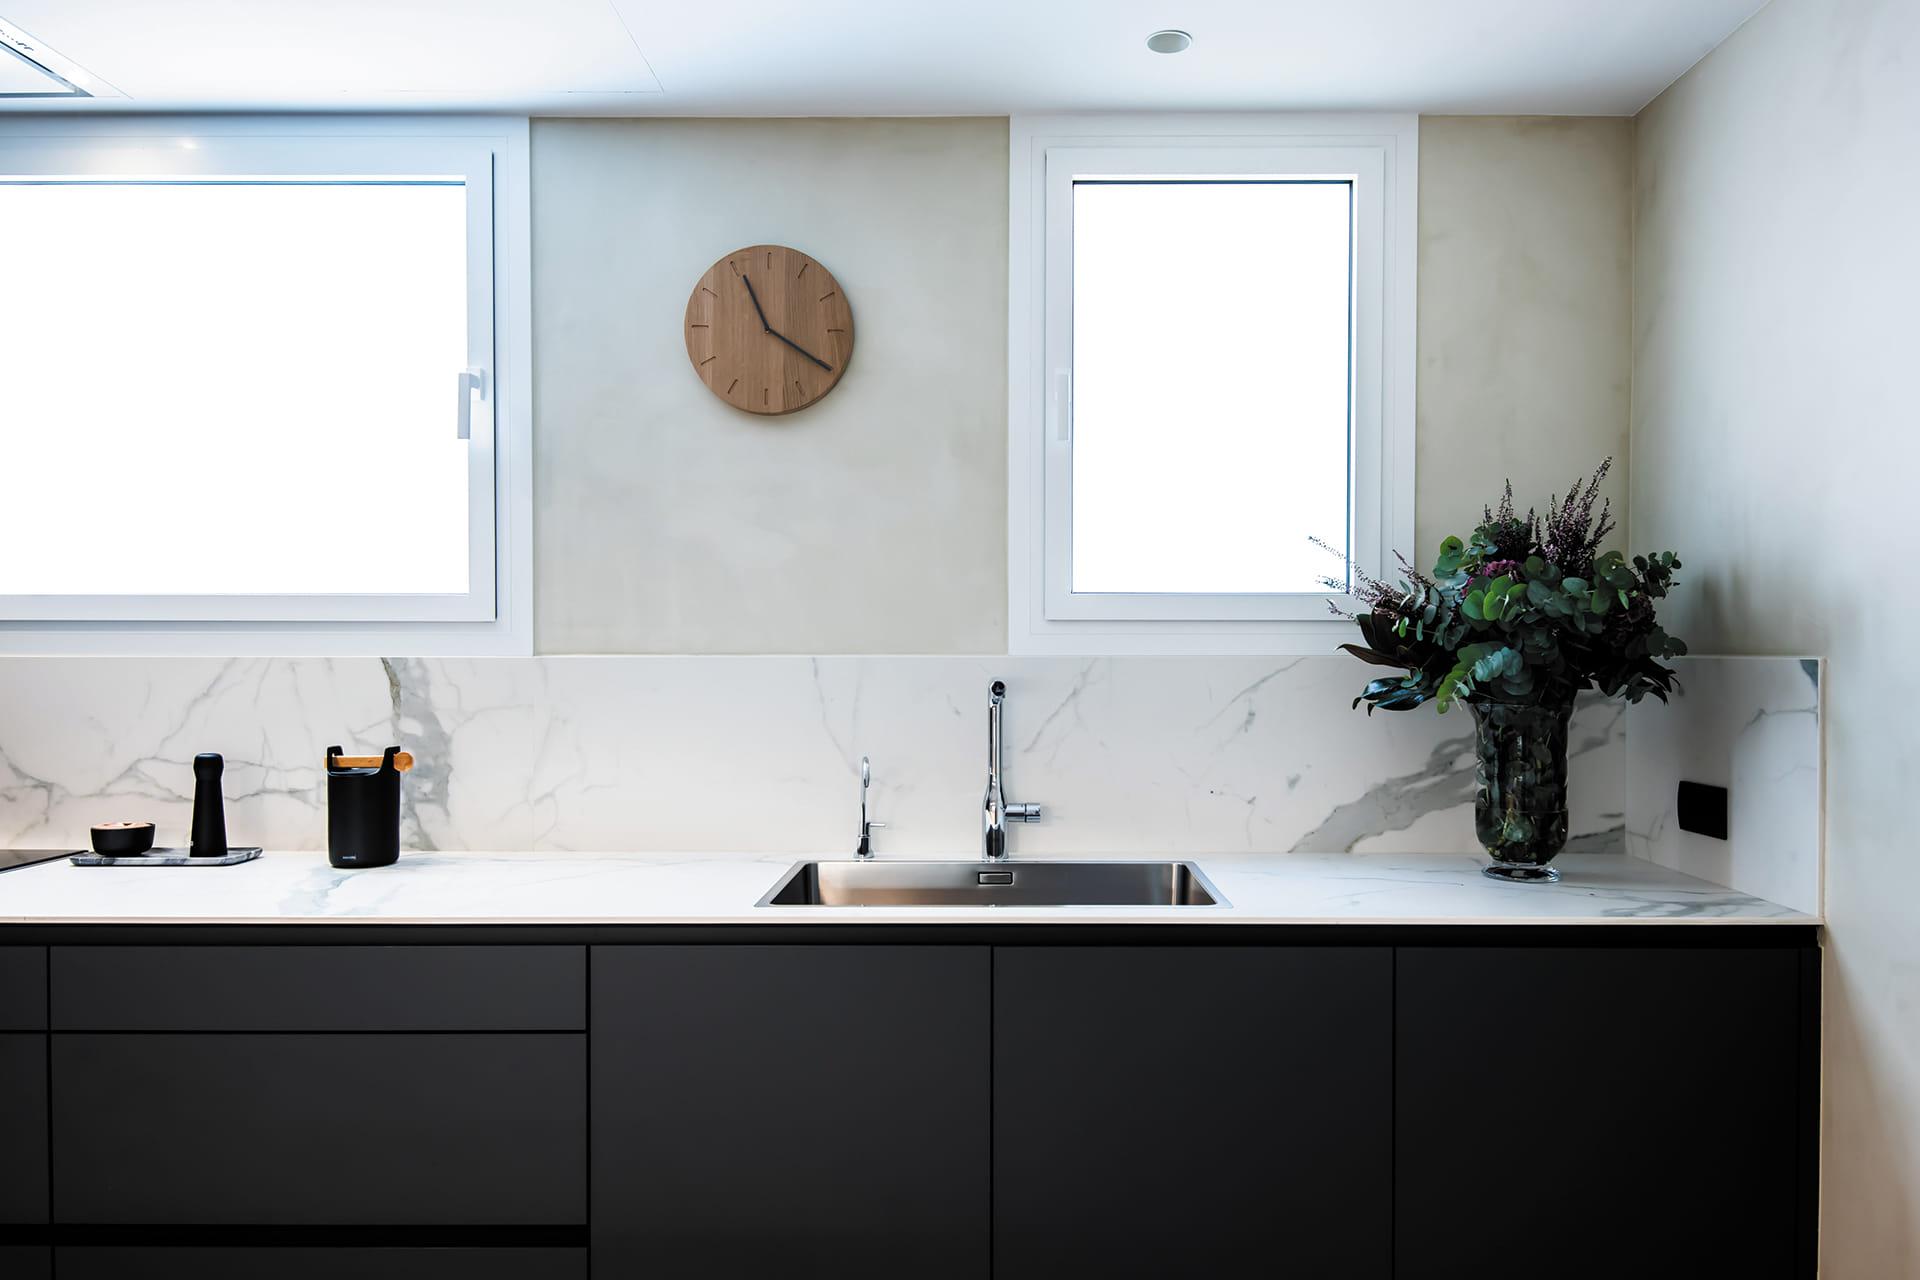 Meubels en werkblad wit met grijze keuken Santos